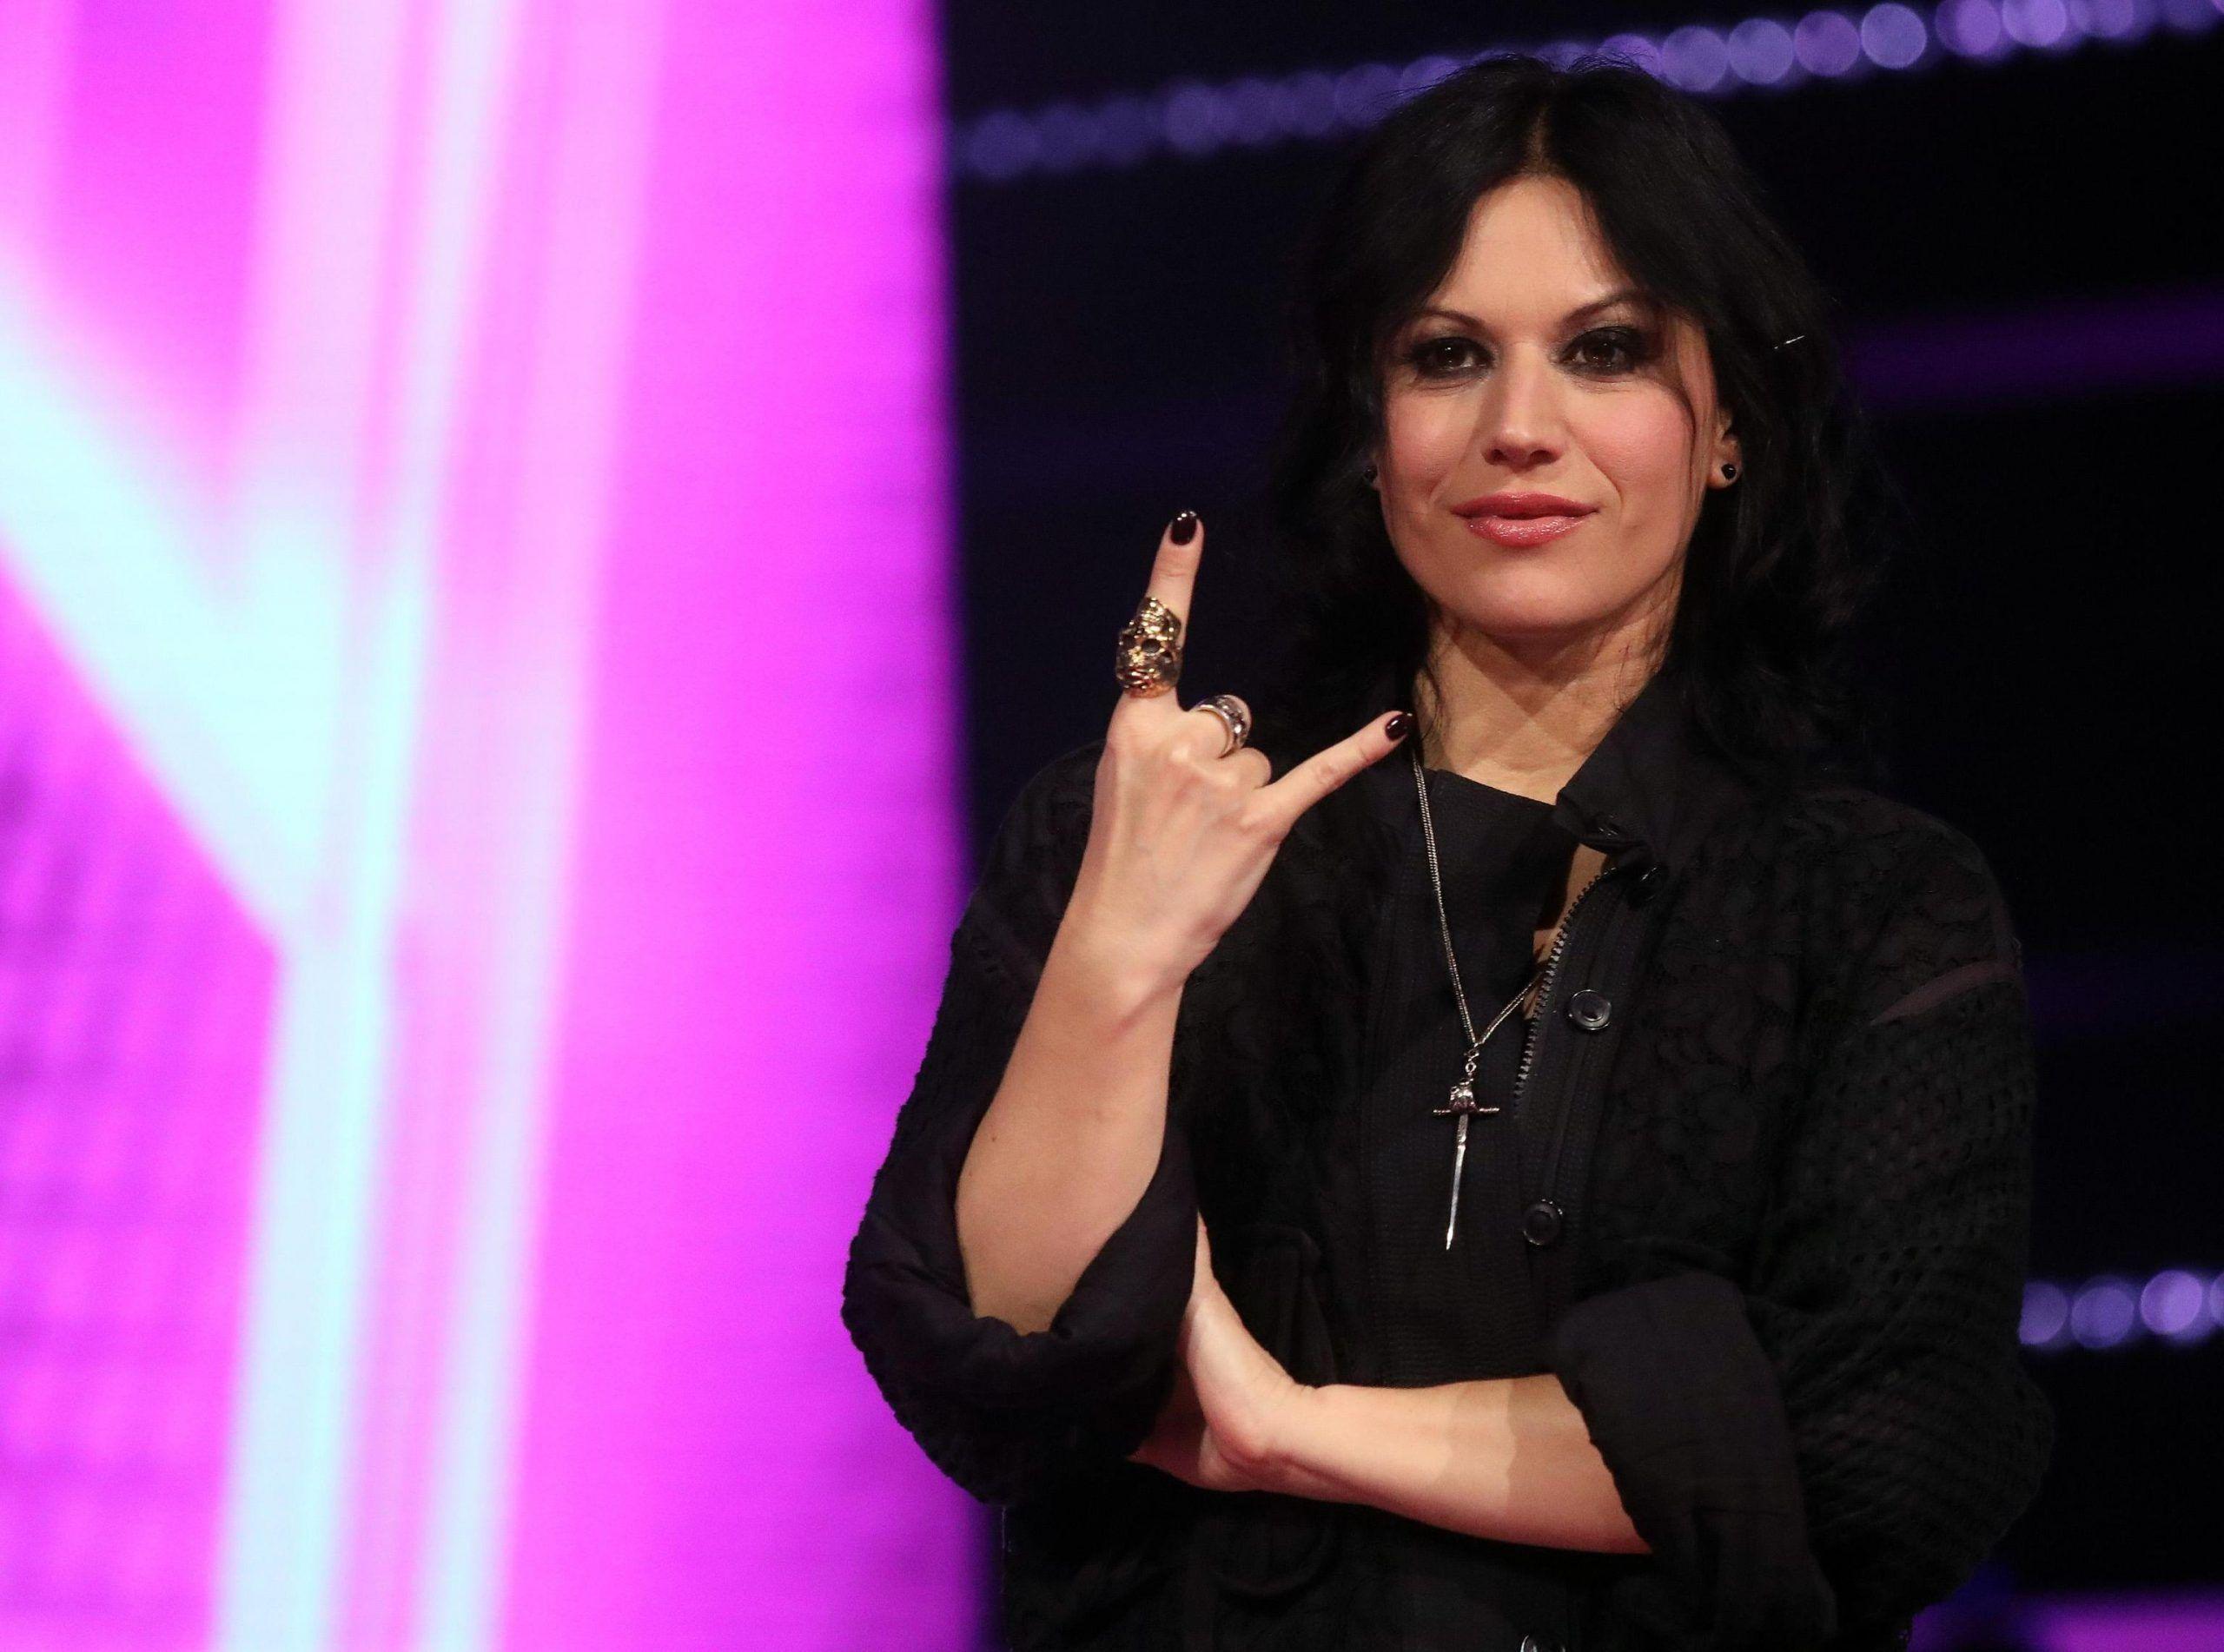 The Voice, Cristina Scabbia a NanoPress: 'Le critiche? Ero preparata, ma bisogna essere se stessi', intervista